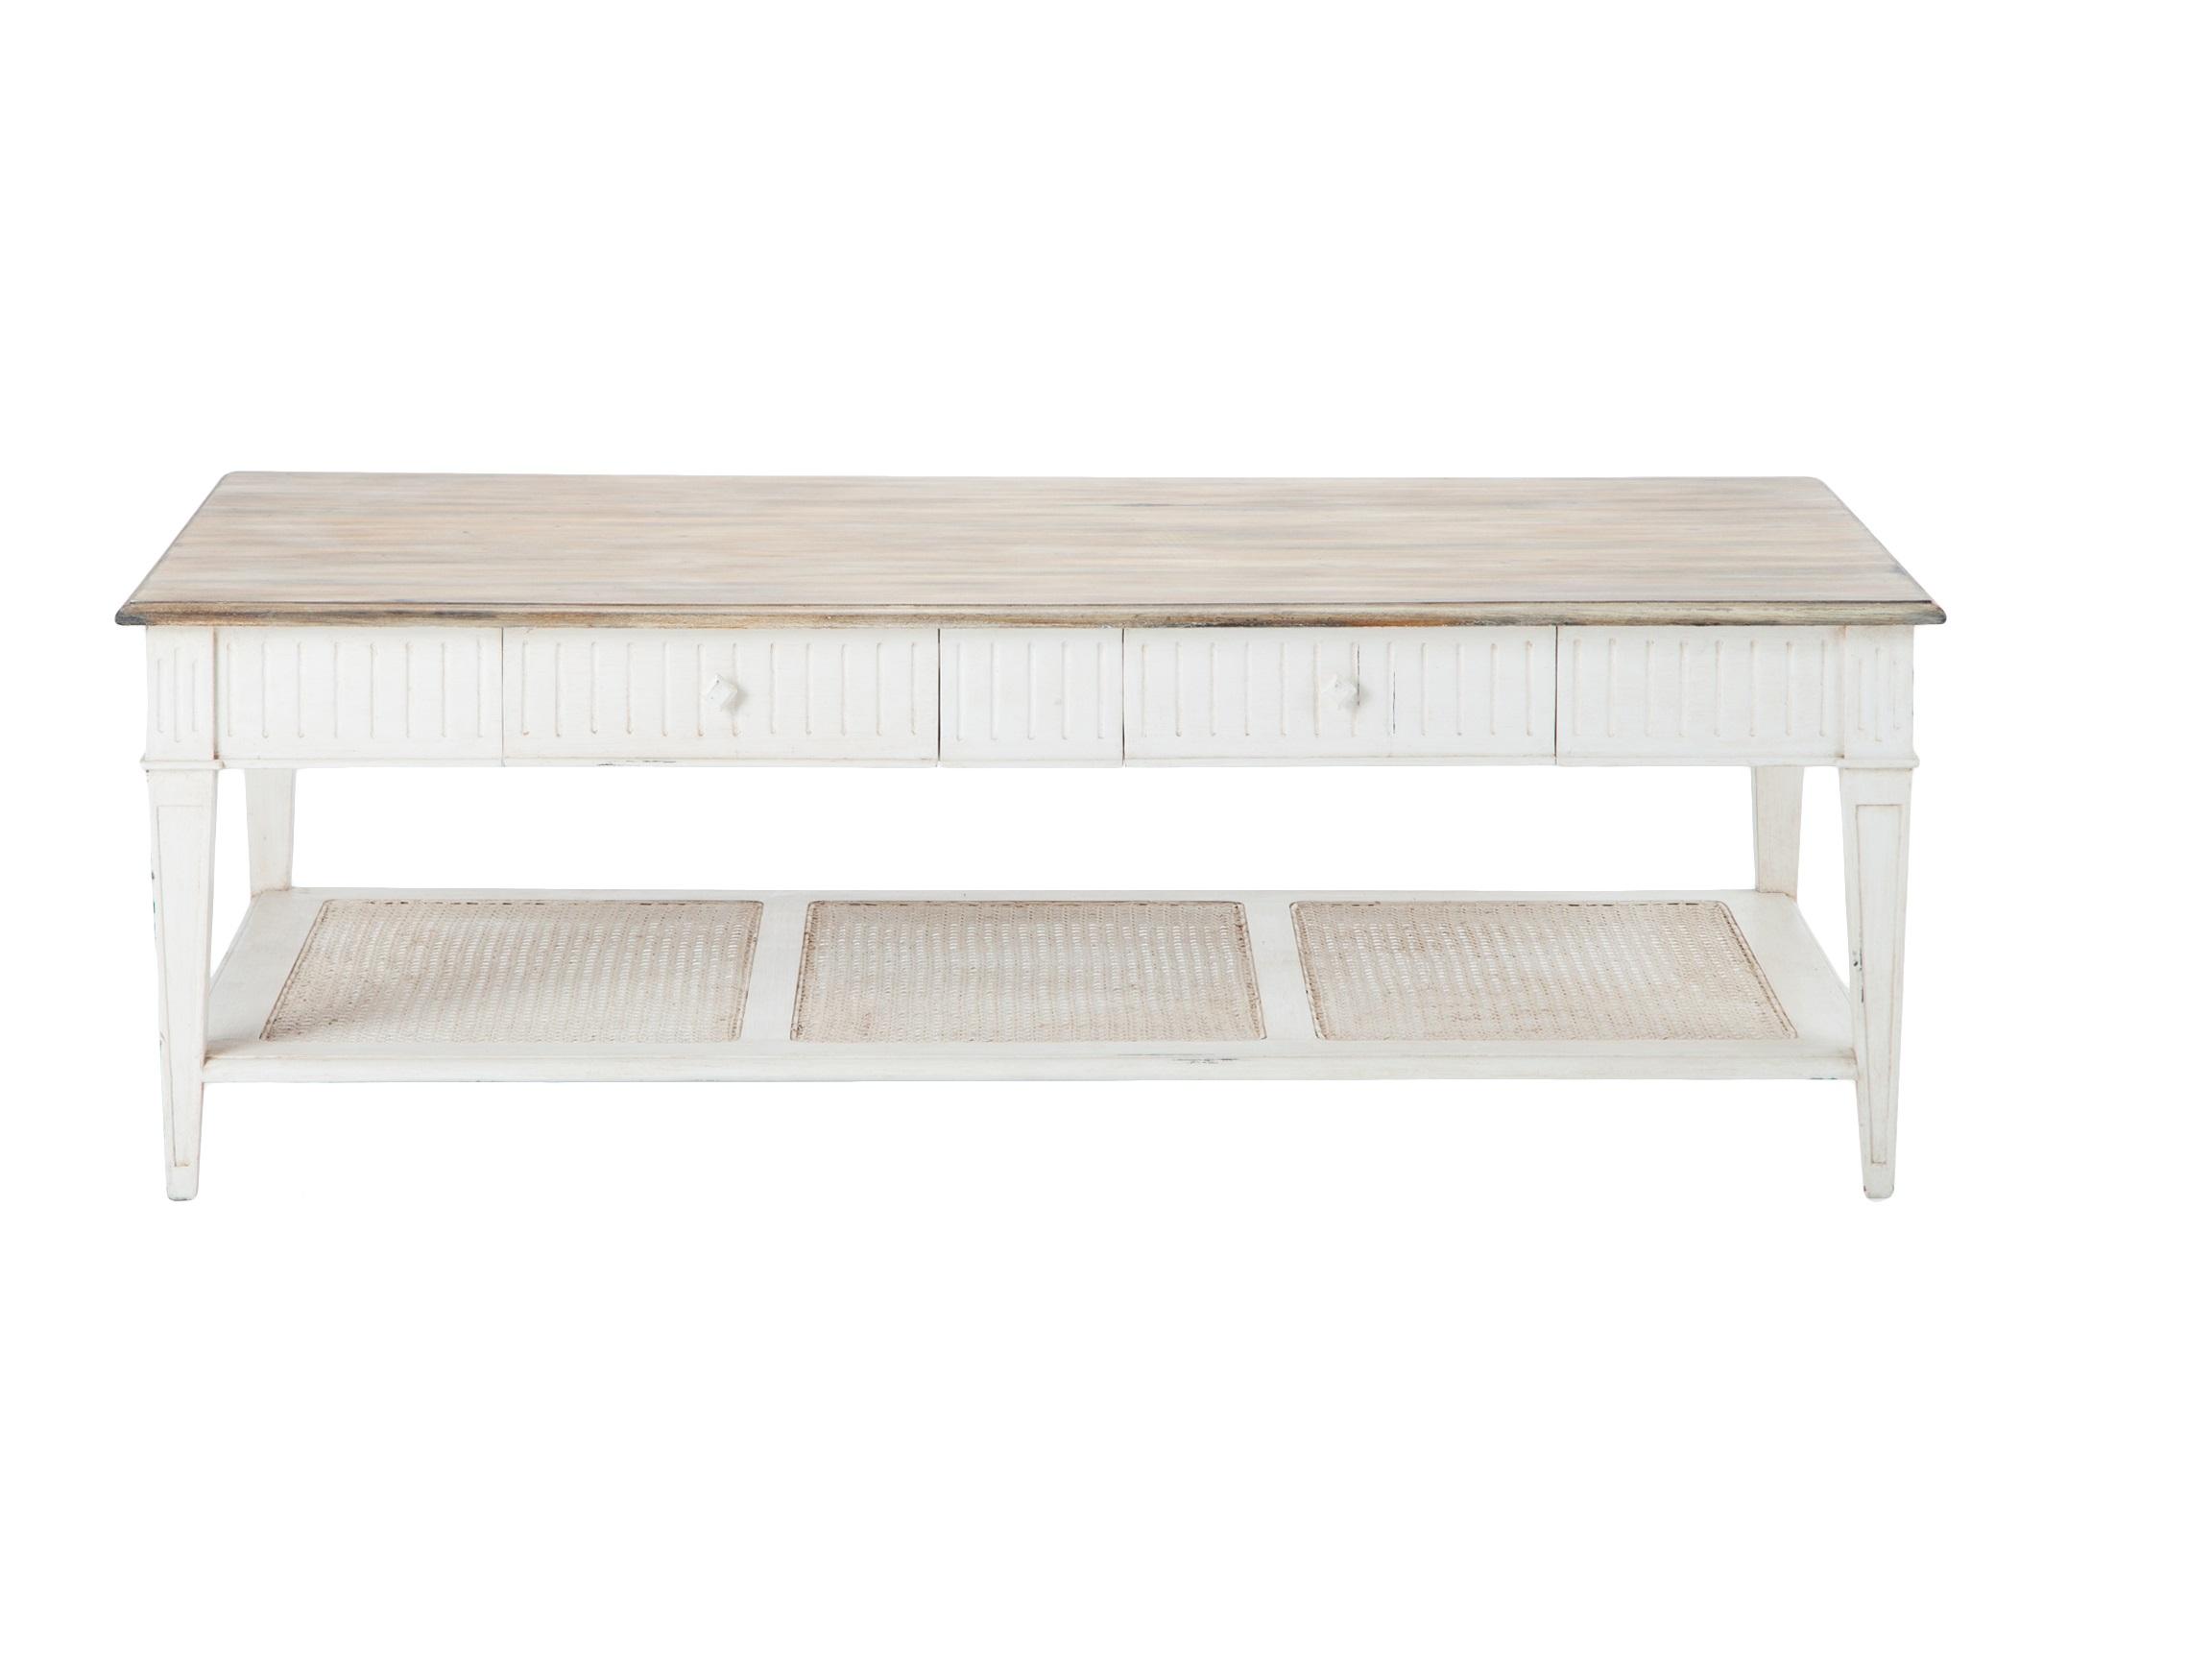 Стол кофейный Кафе АллюрКофейные столики<br>Кофейный стол из дерева махагони с выдвижными ящиками и нижней полочкой с ротангом.<br><br>Material: Красное дерево<br>Length см: None<br>Width см: 150<br>Depth см: 85<br>Height см: 50